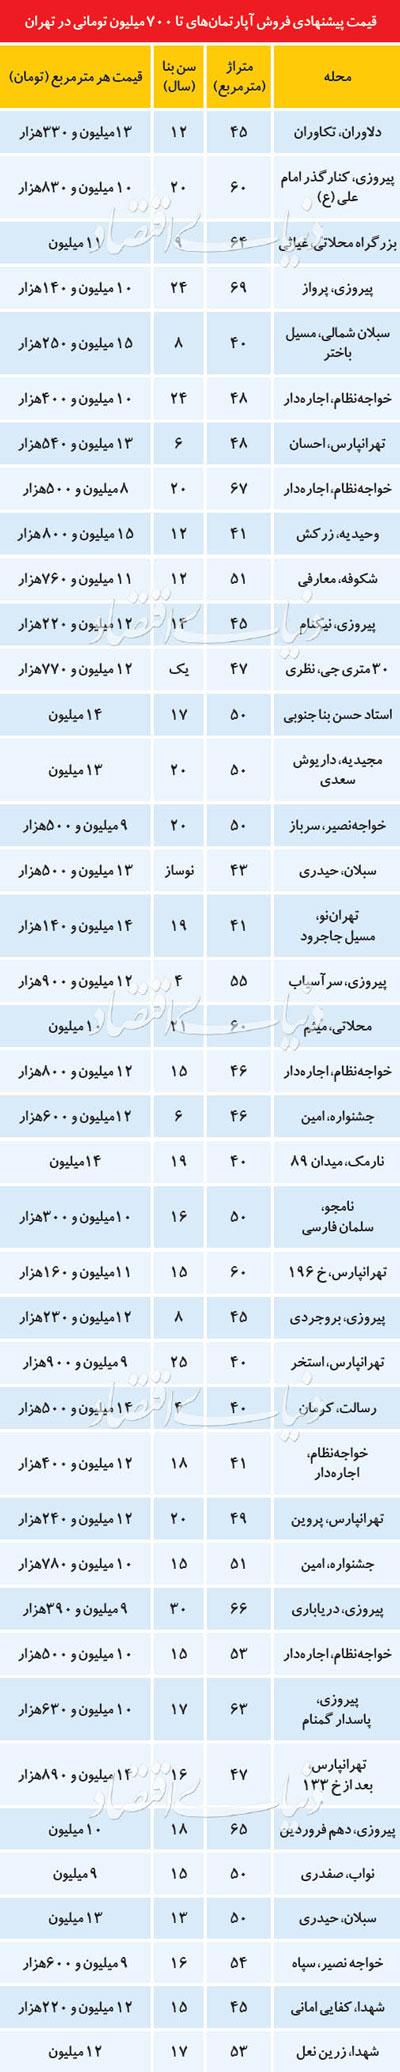 قیمت آپارتمانهای نُقلی در تهران+جدول